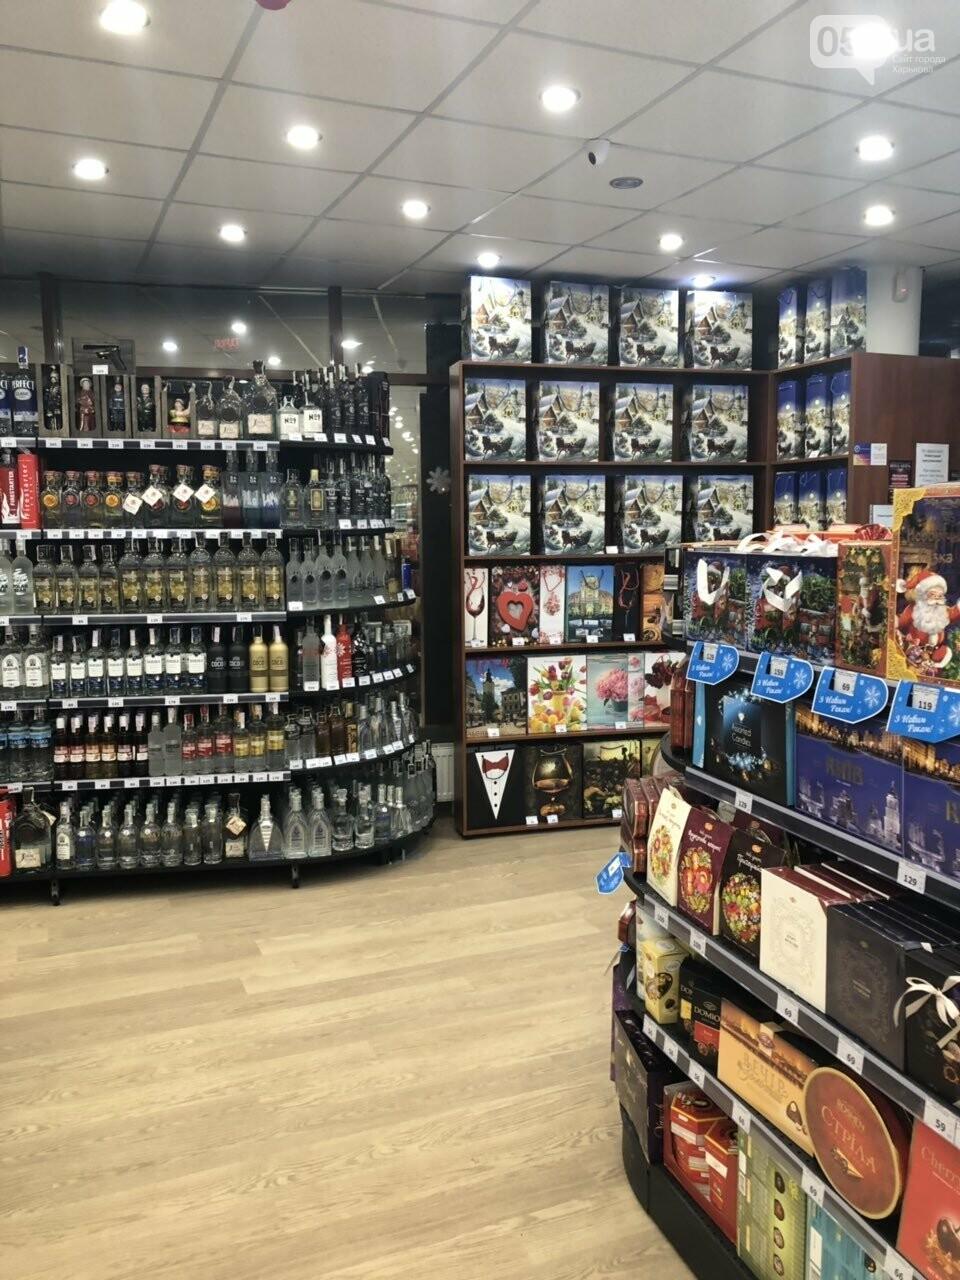 В Харькове открылся новый магазин для самых требовательных гурманов – «Вина мира», фото-2